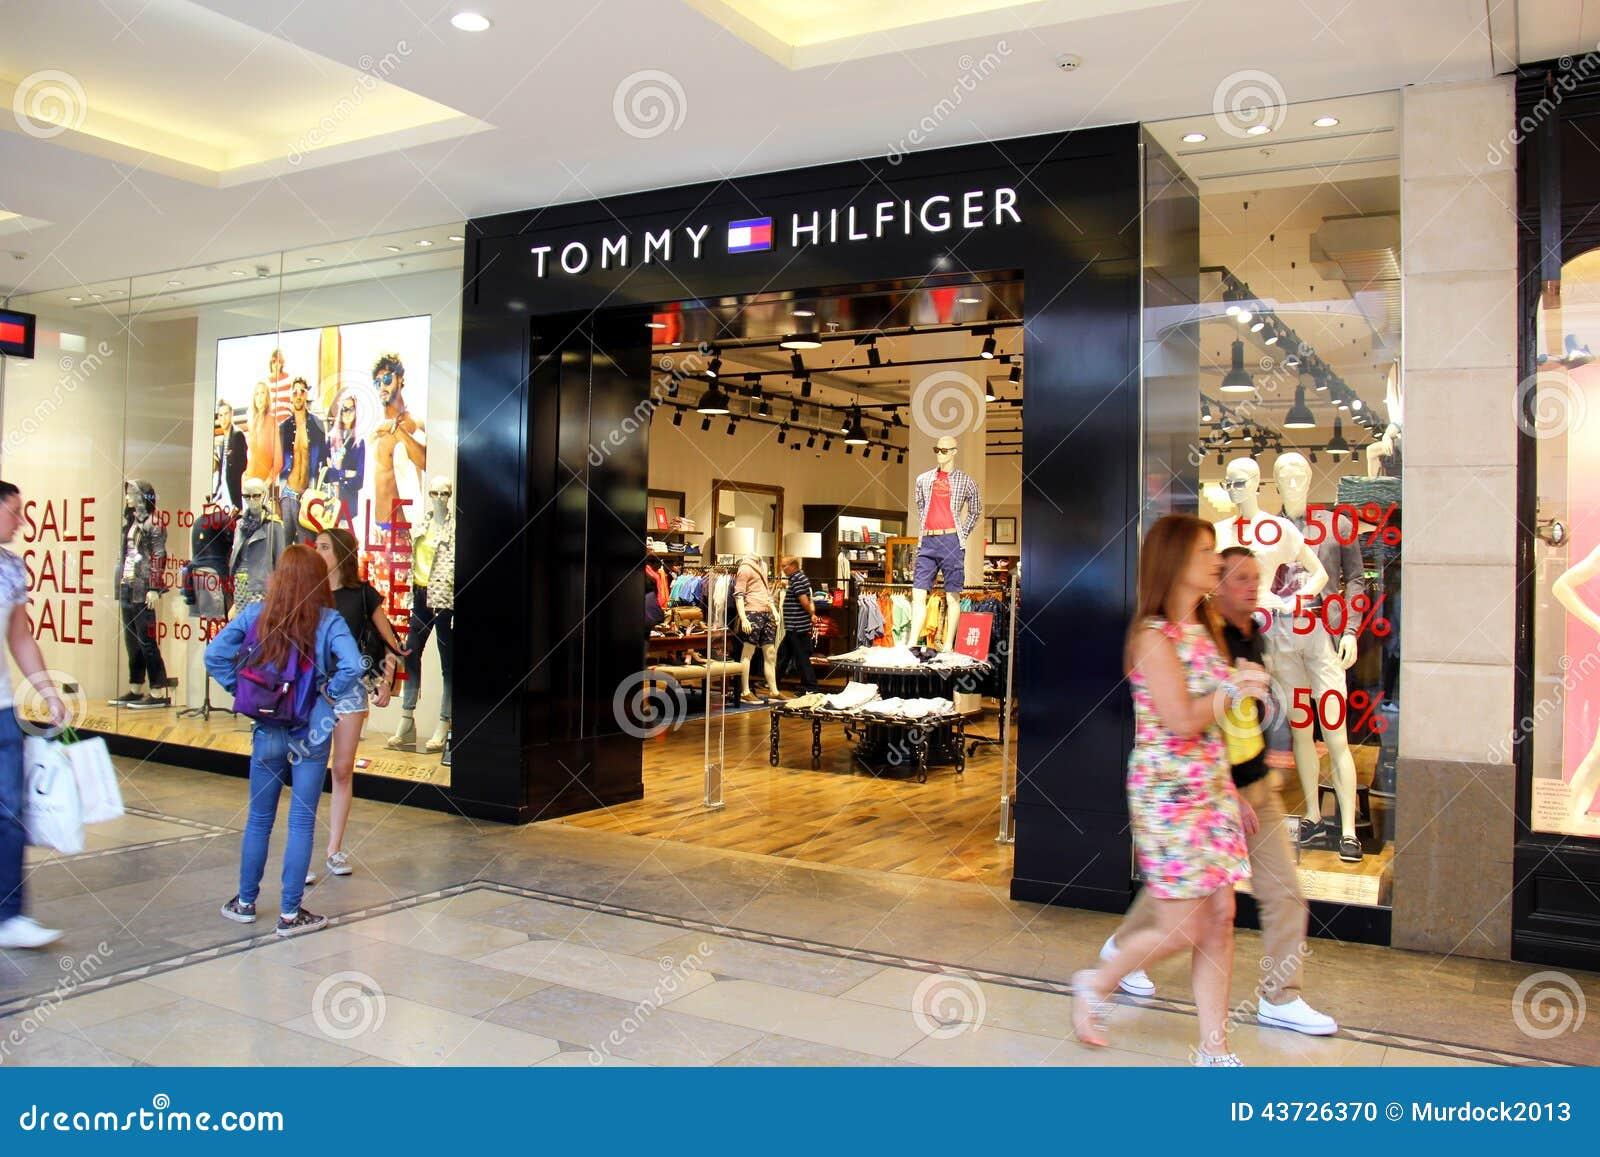 76bb6a2cfd88 Магазин Tommy Hilfiger редакционное изображение. изображение ...